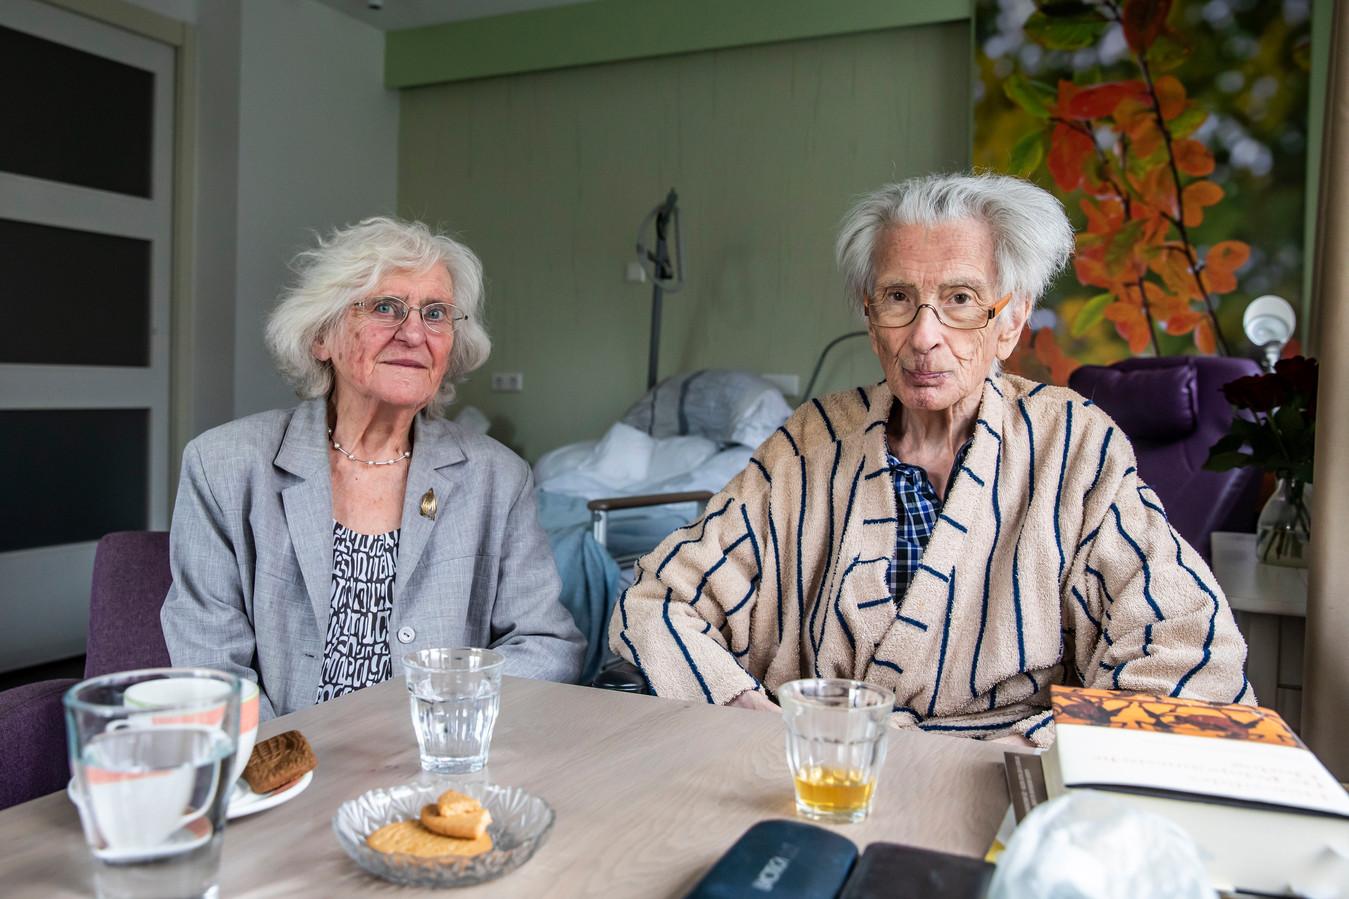 Kees Smeele (22 juni 1932 - 6 maart 2020) en Fieke van Vree (2 mei 1932 – 2 maart 2020)